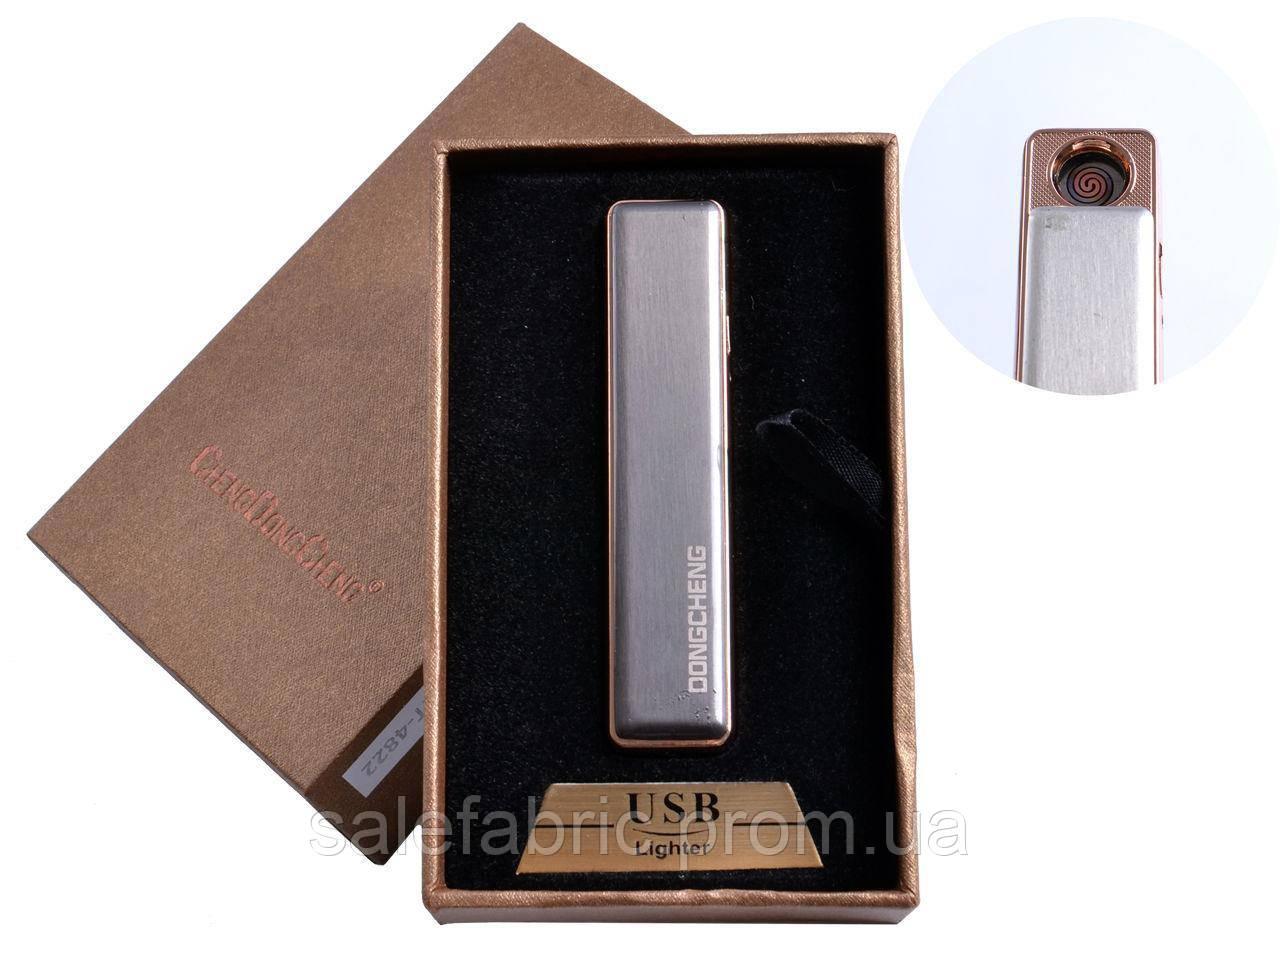 USB зажигалка в подарочной упаковке (спираль накаливания, серебро) №4822-3